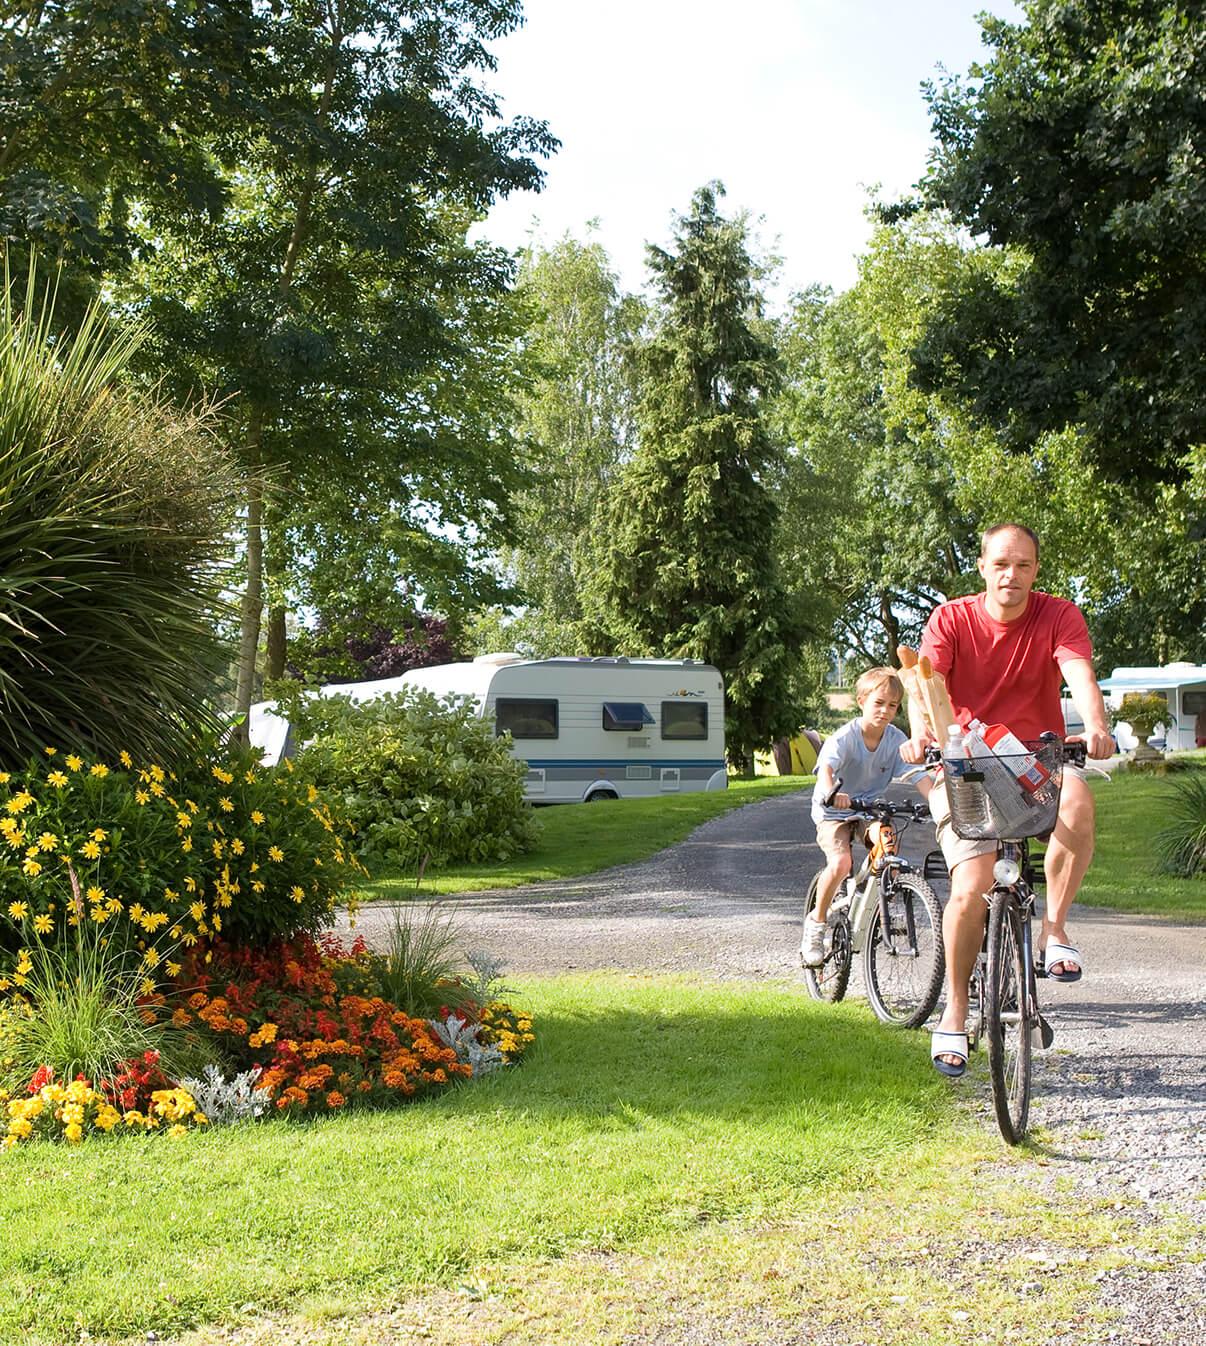 Campings normands - accueil cyclotouriste et familiale